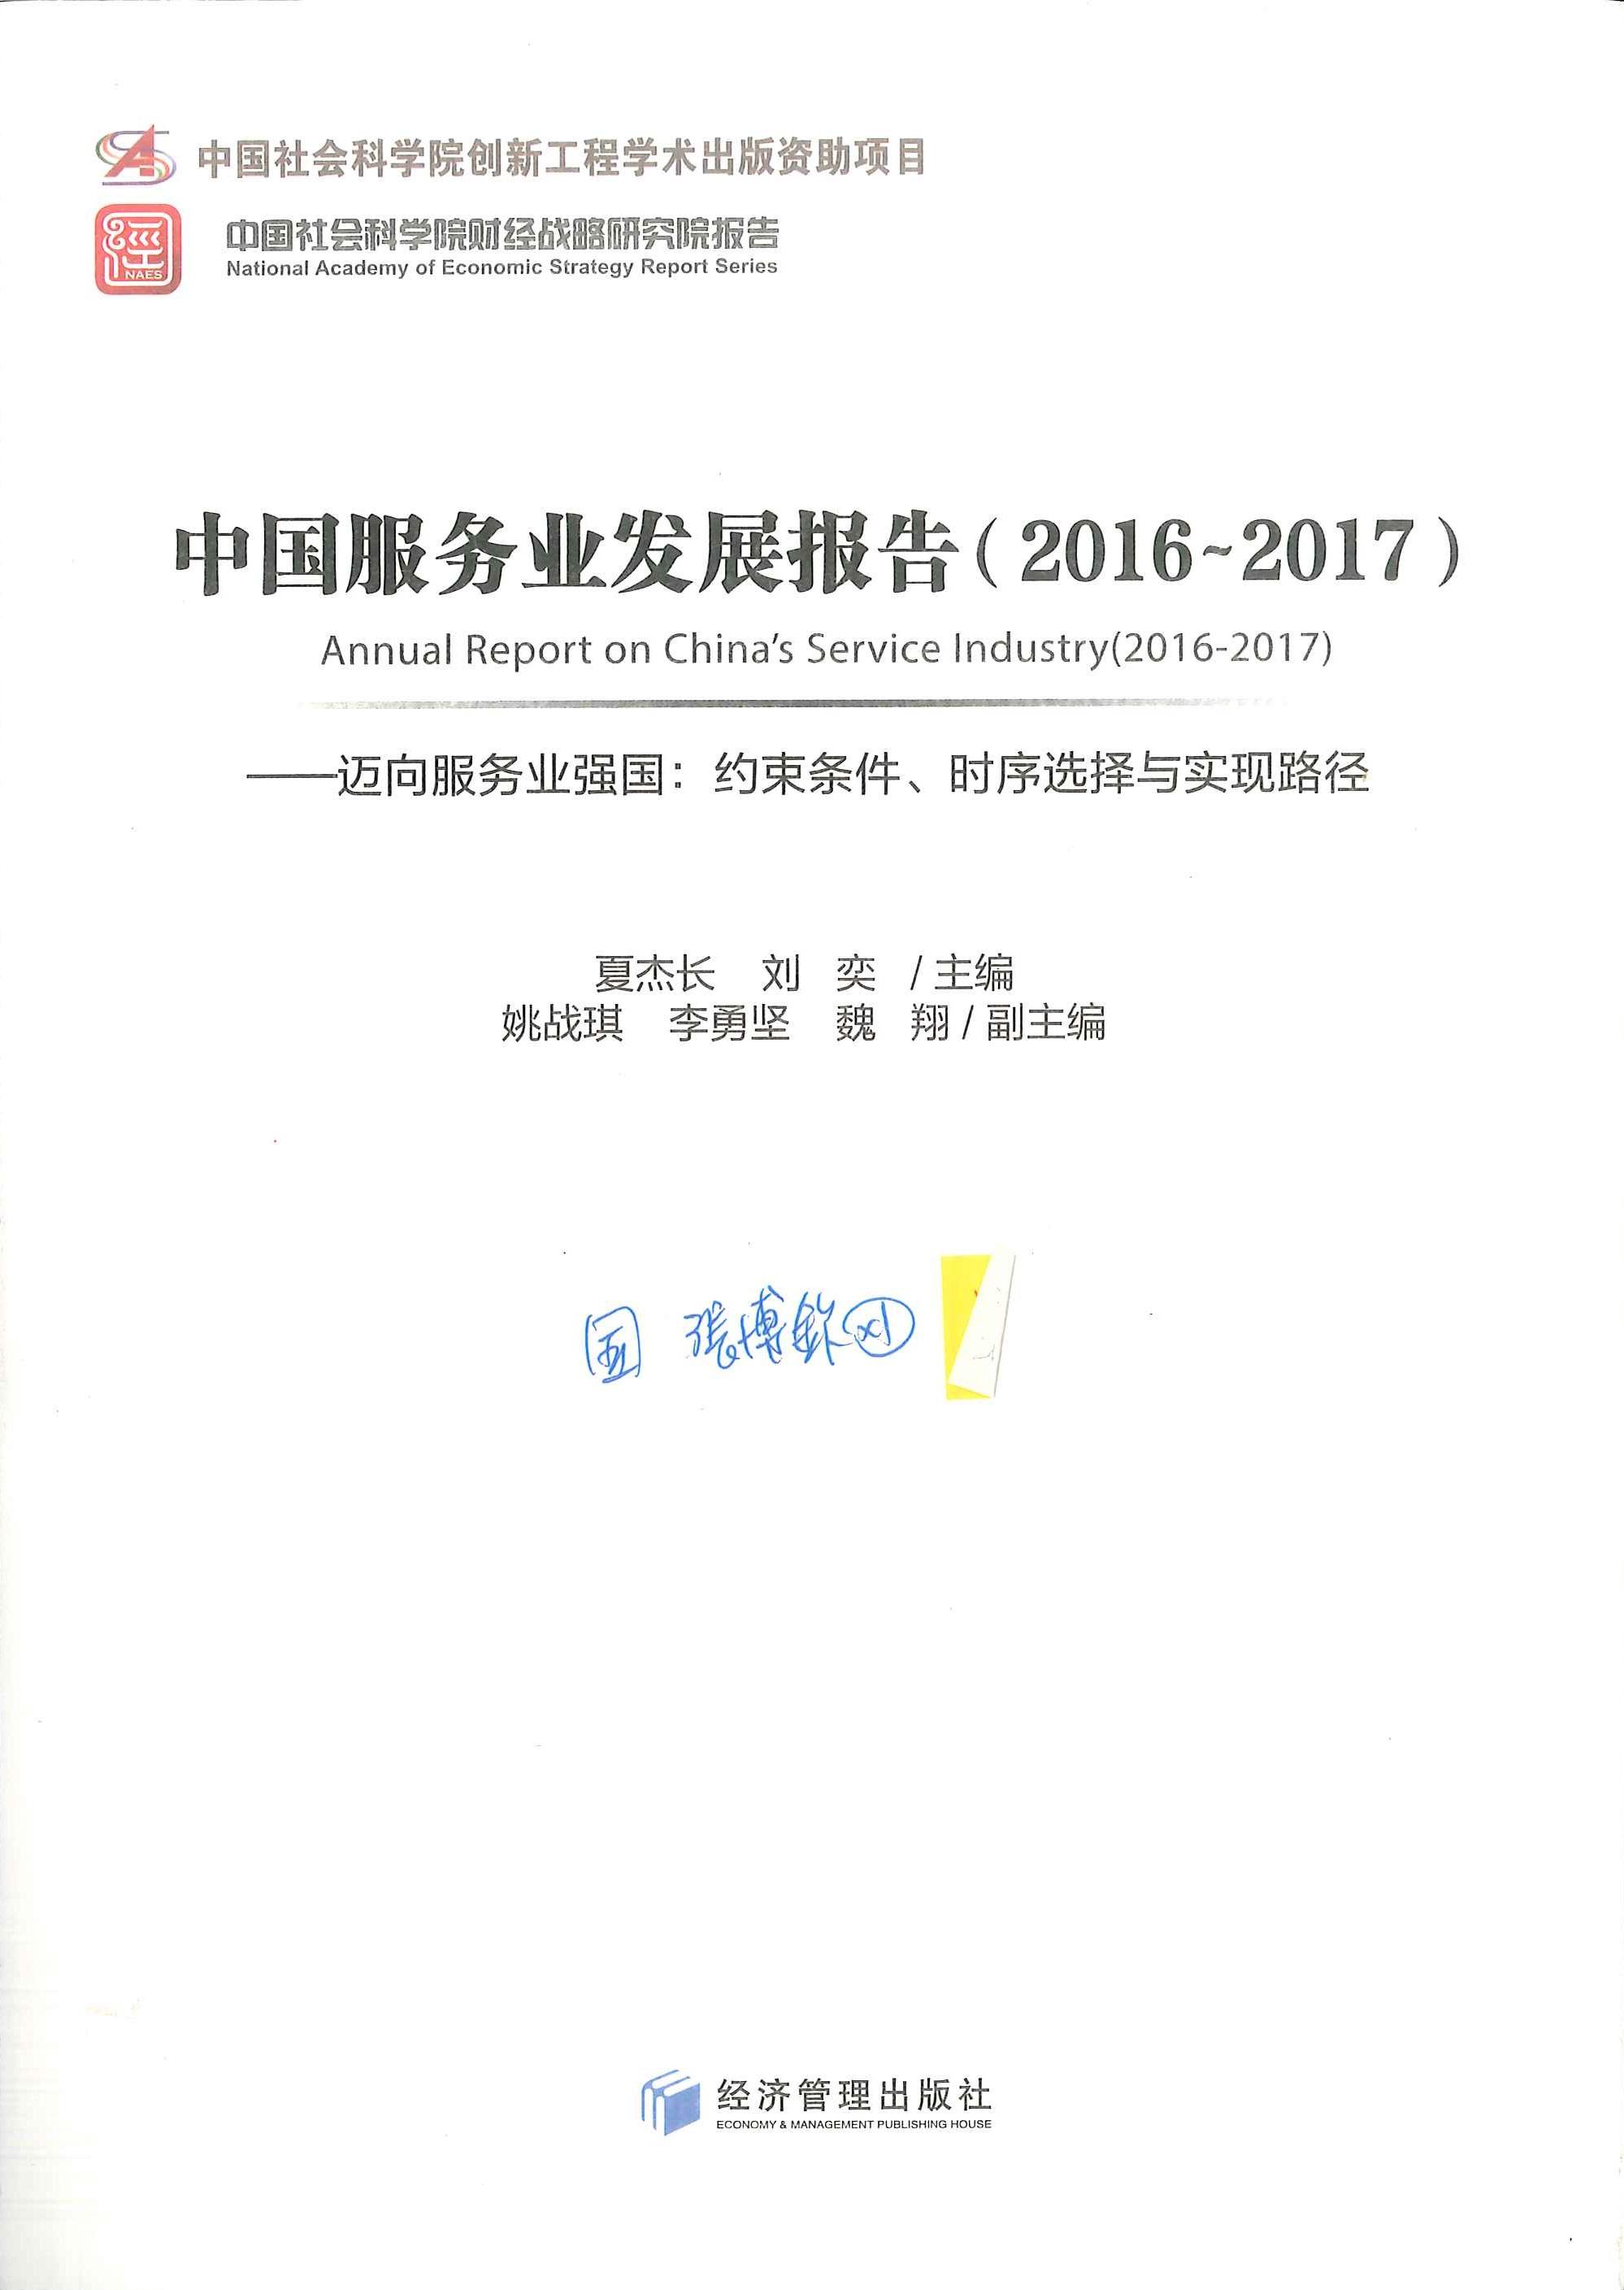 中国服务业发展报告.2016-2017:迈向服务业强国: 约束条件、时序选择与实现路径=Annual report on China